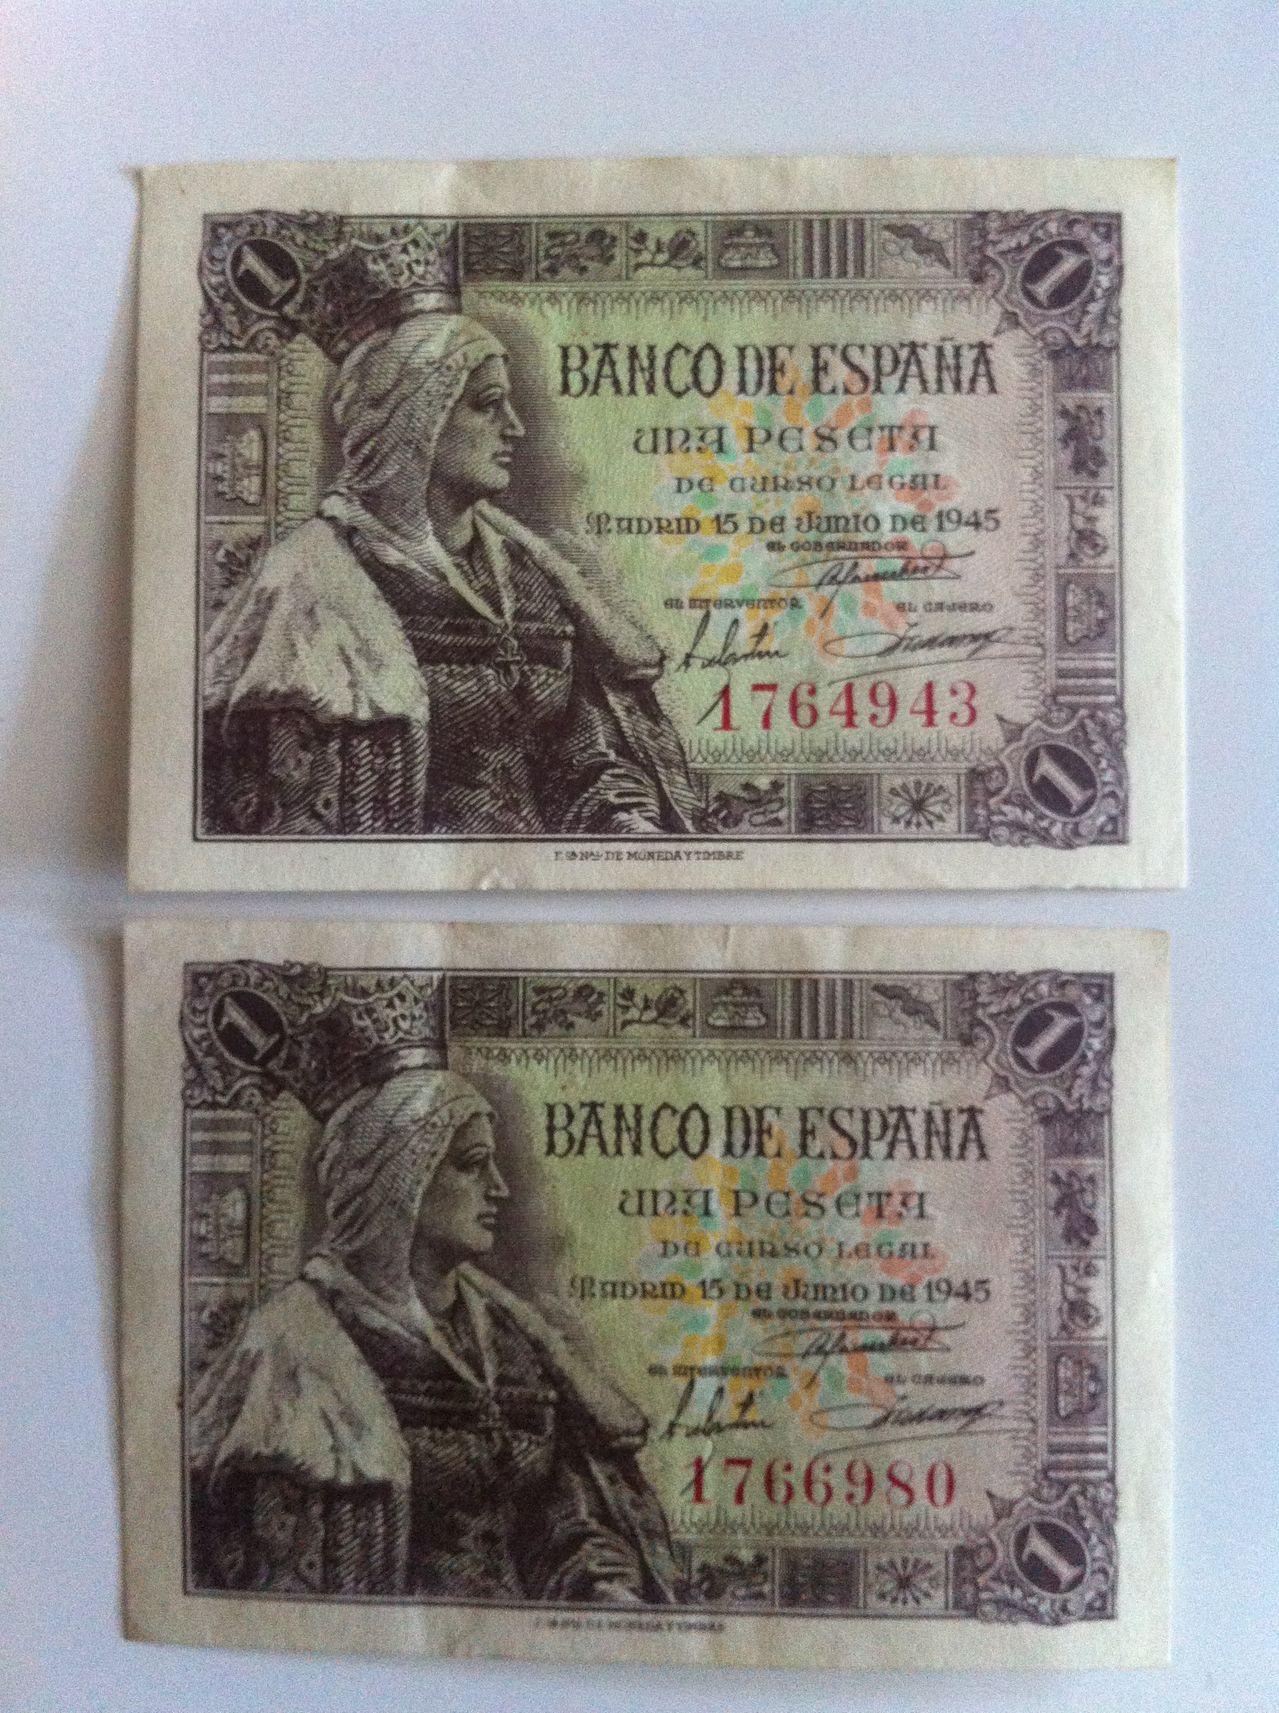 Ayuda para valorar coleccion de billetes IMG_4944